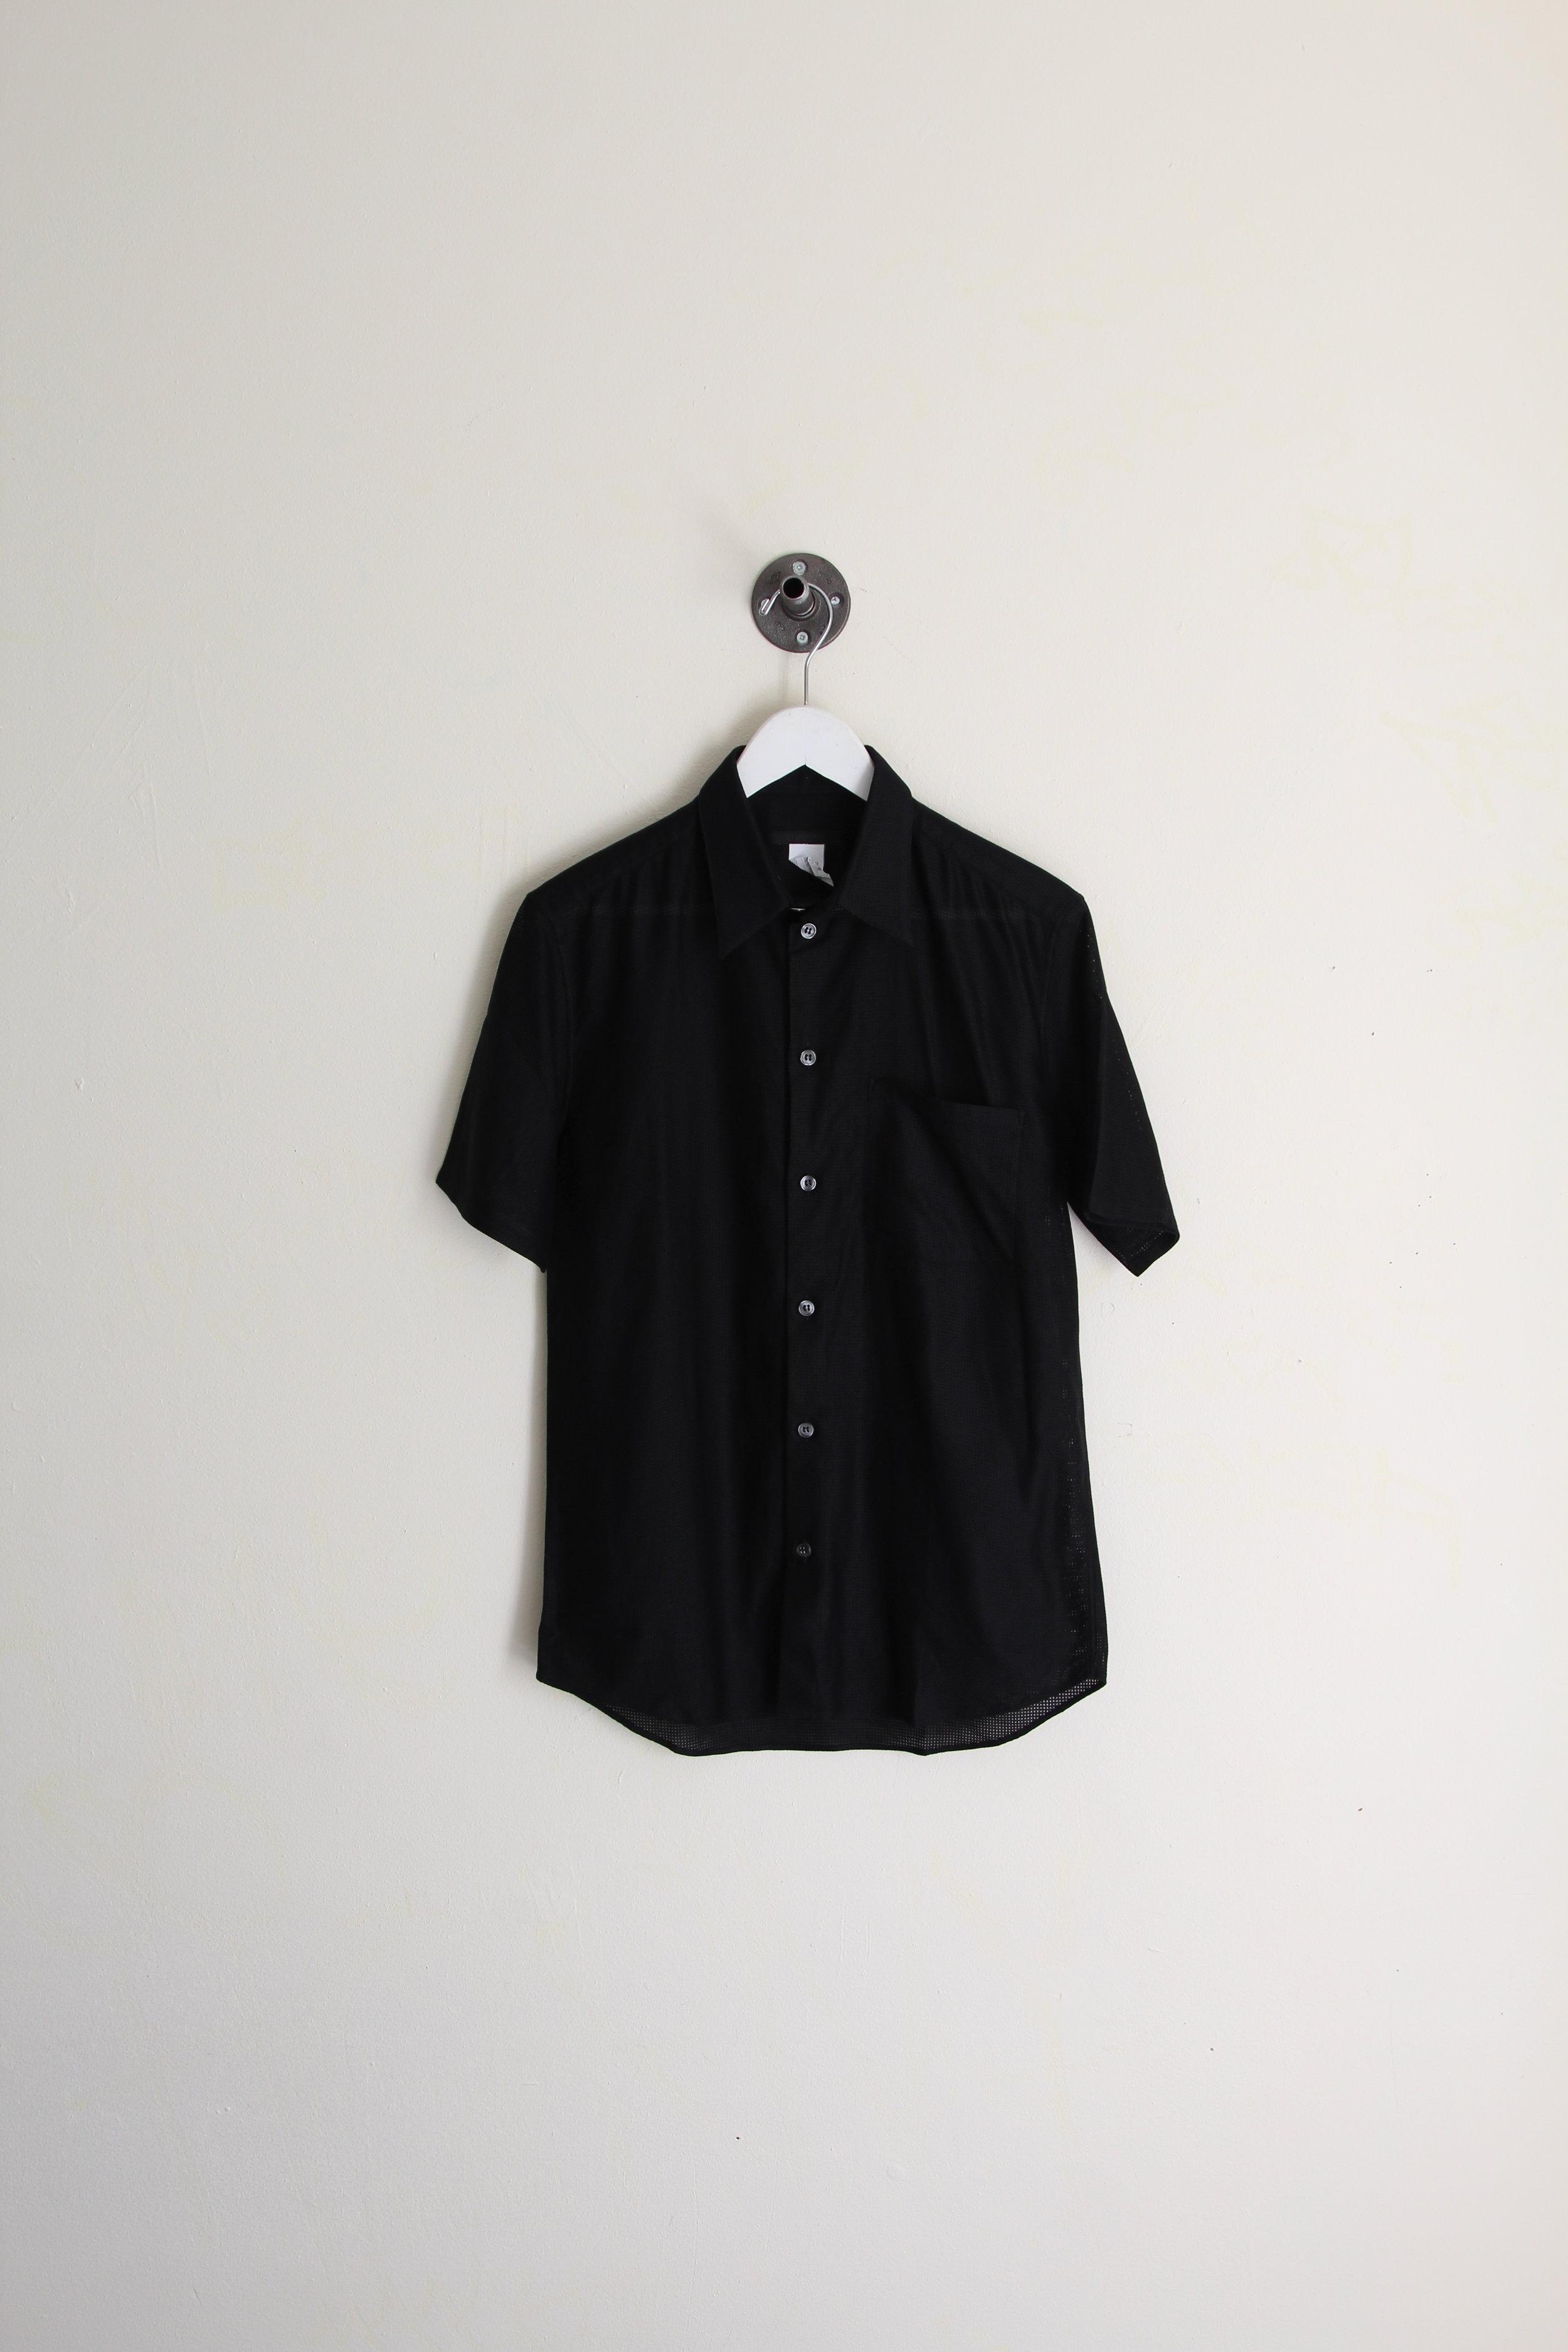 Helmut Lang SS 2005 Tech Mesh Short Sleeve Shirt